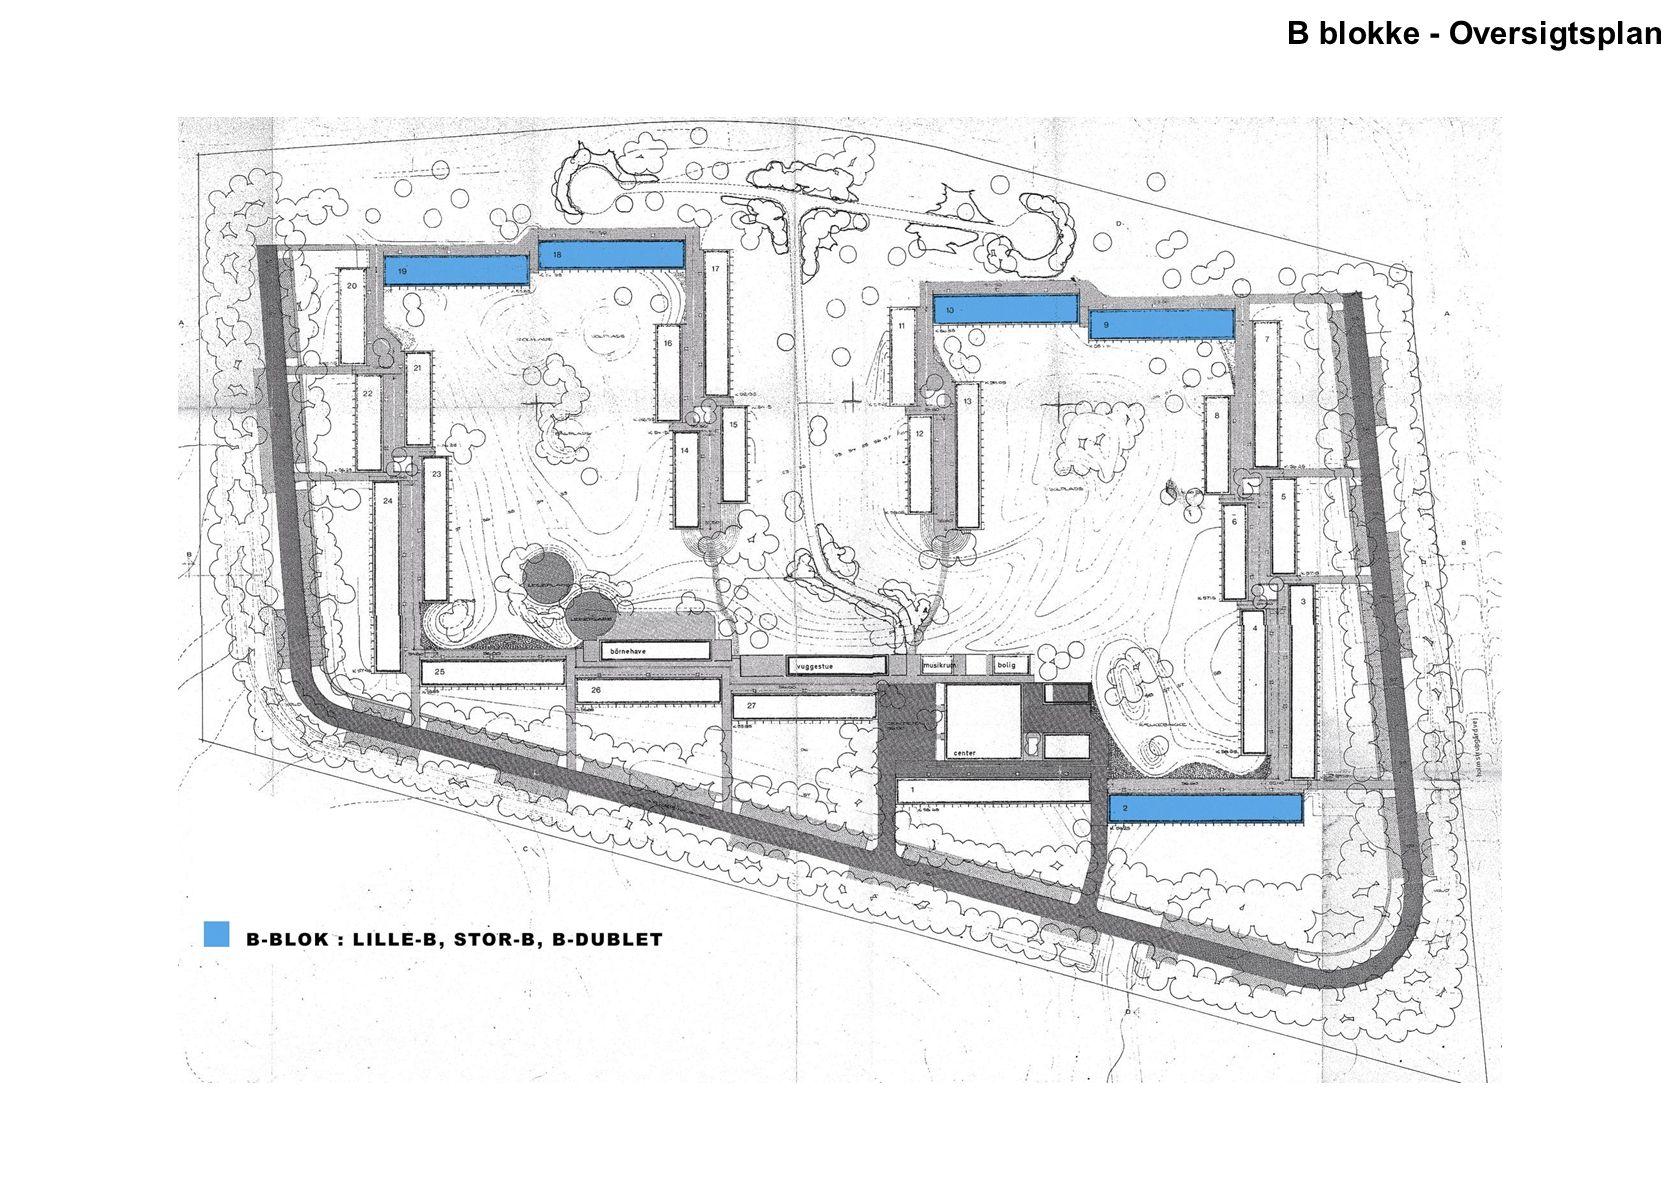 B blokke - Oversigtsplan